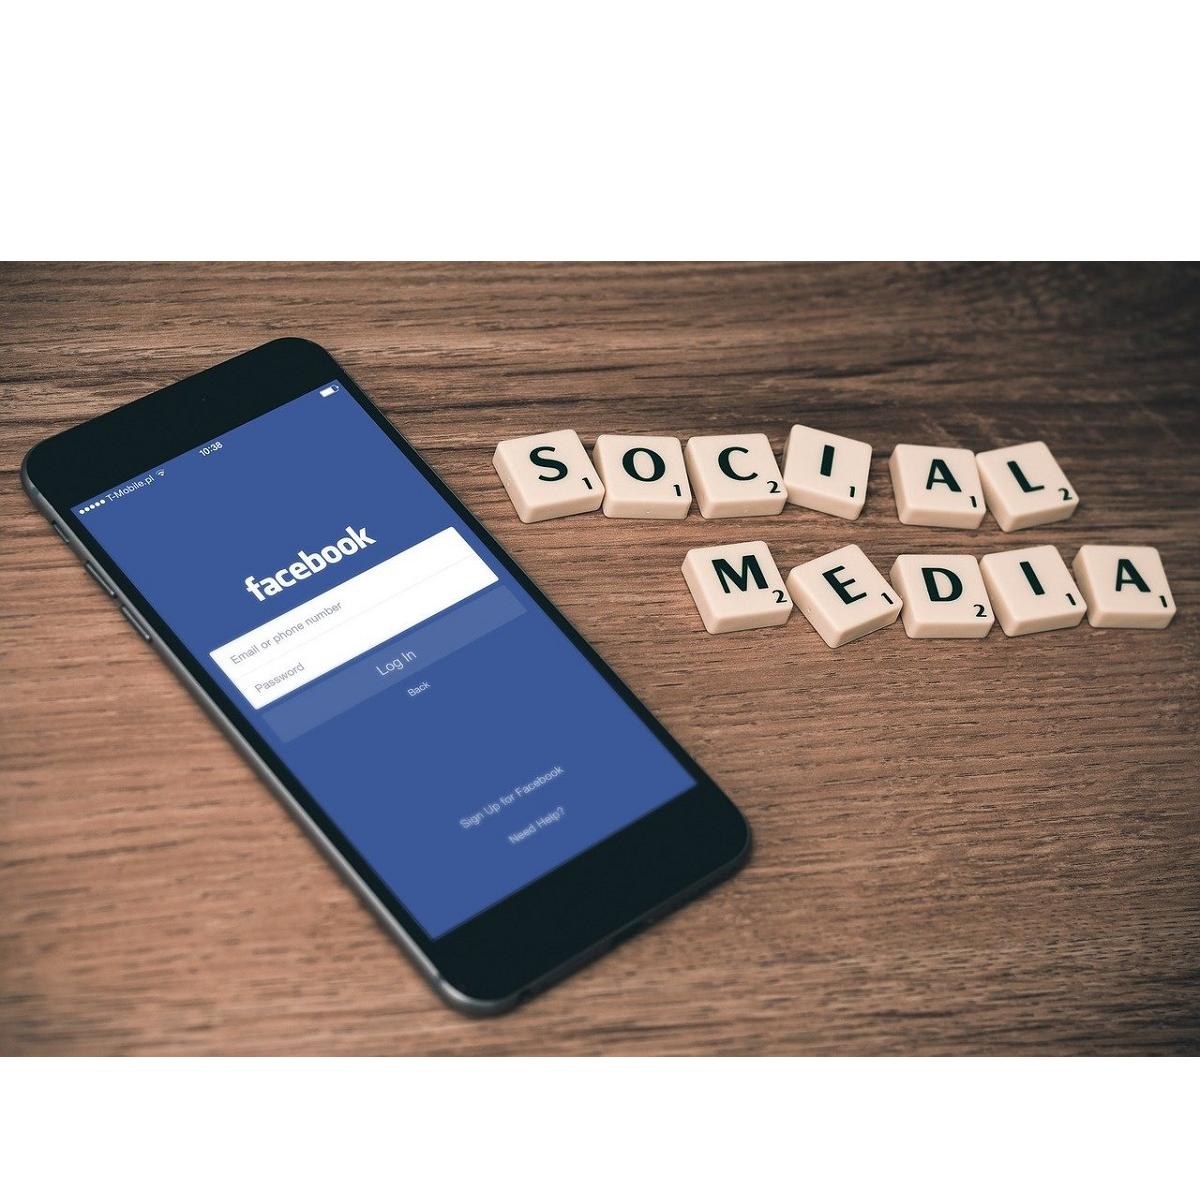 Facebook su iPhone: logout automatico degli utenti nella notte